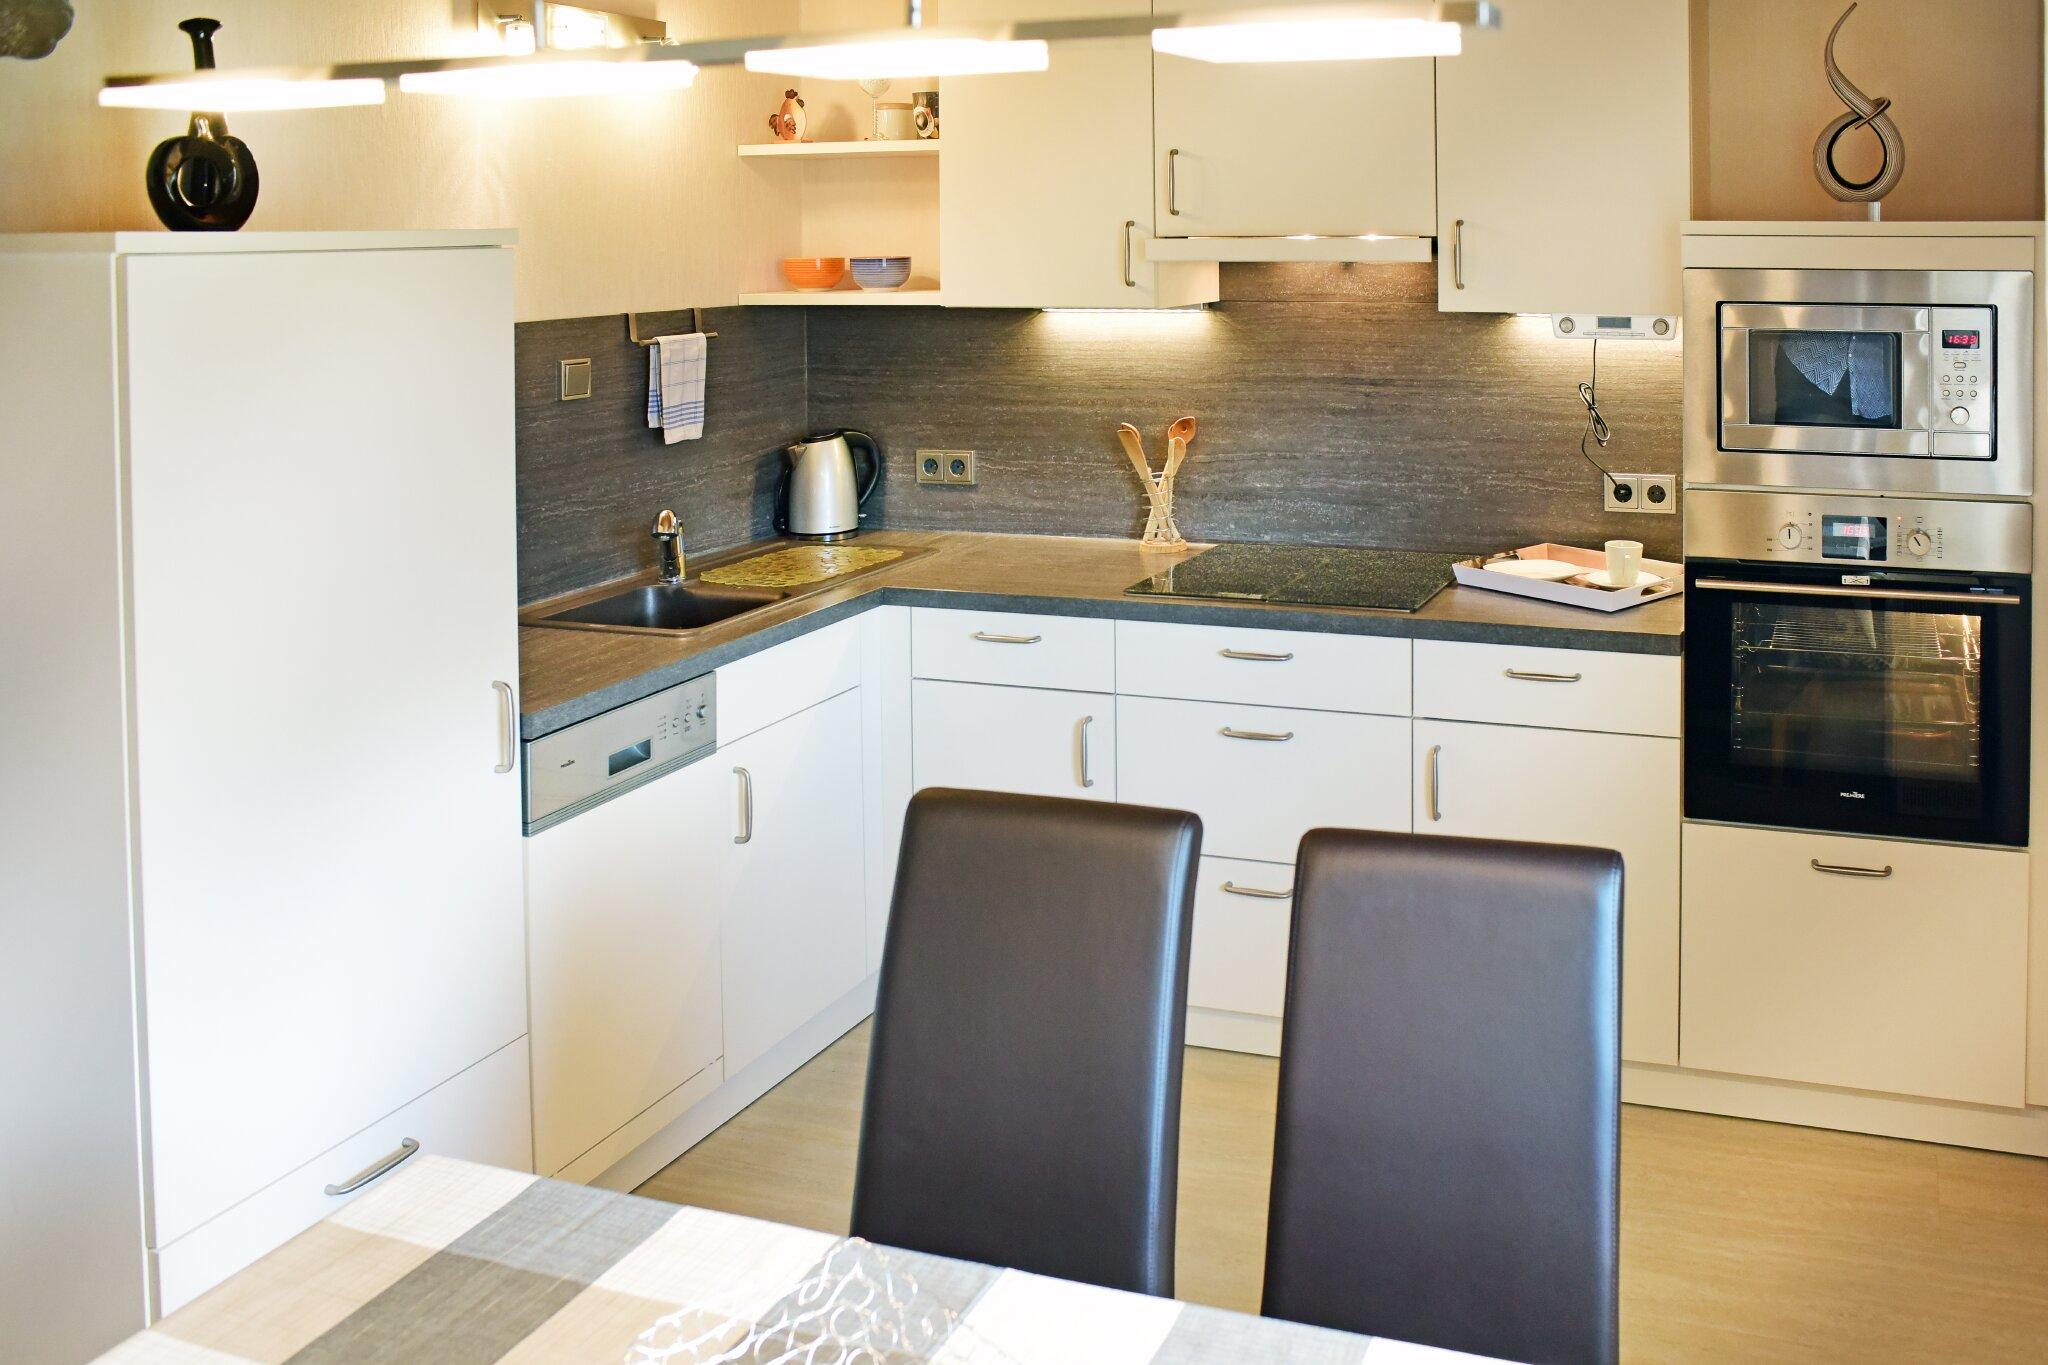 Whg. 2 und Whg. 3 Küchenzeile